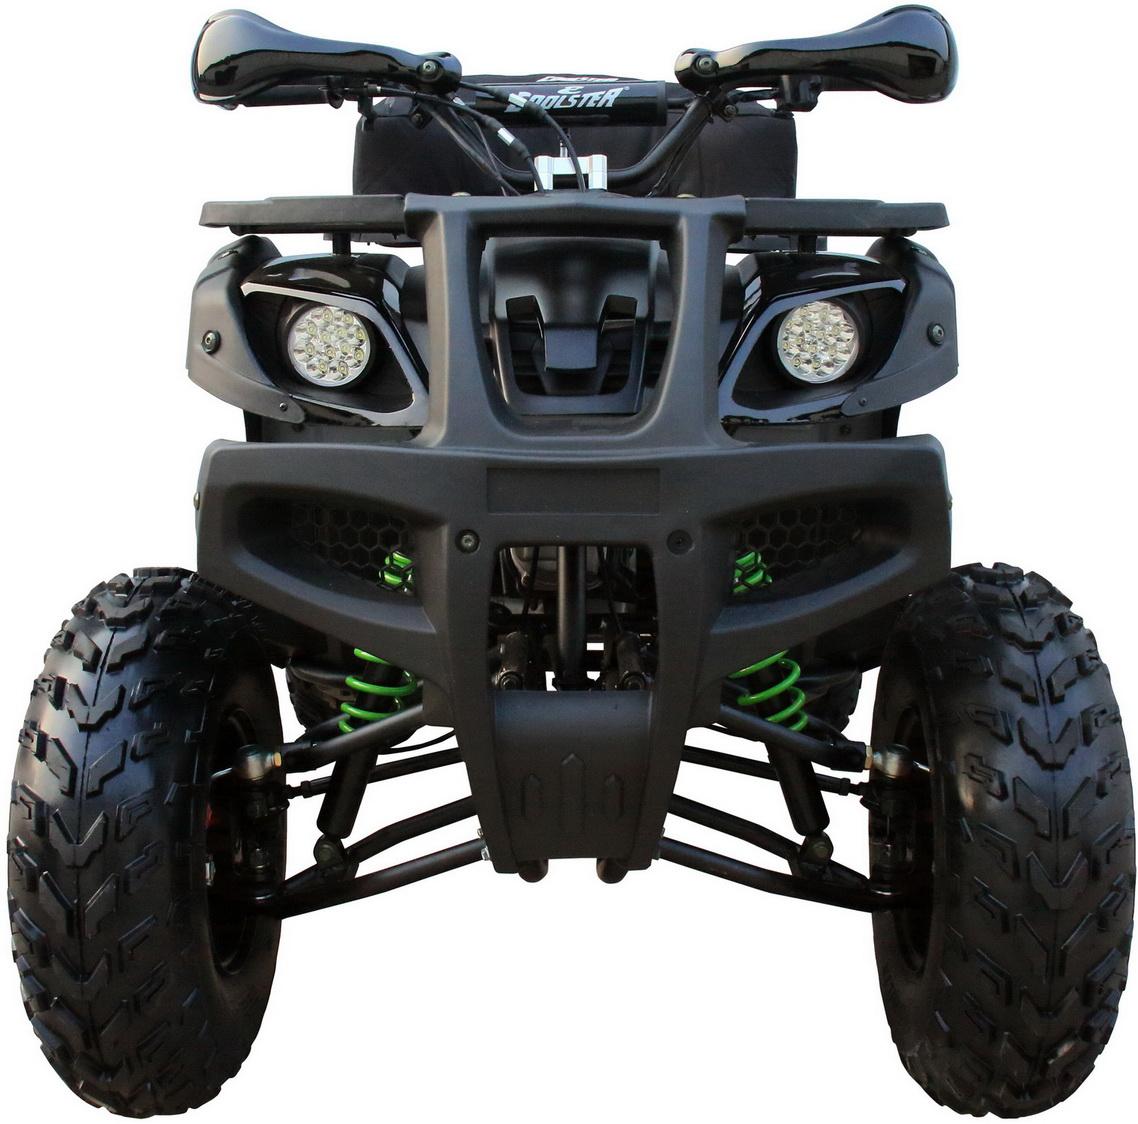 150 ATV Utility 3150DX4 013